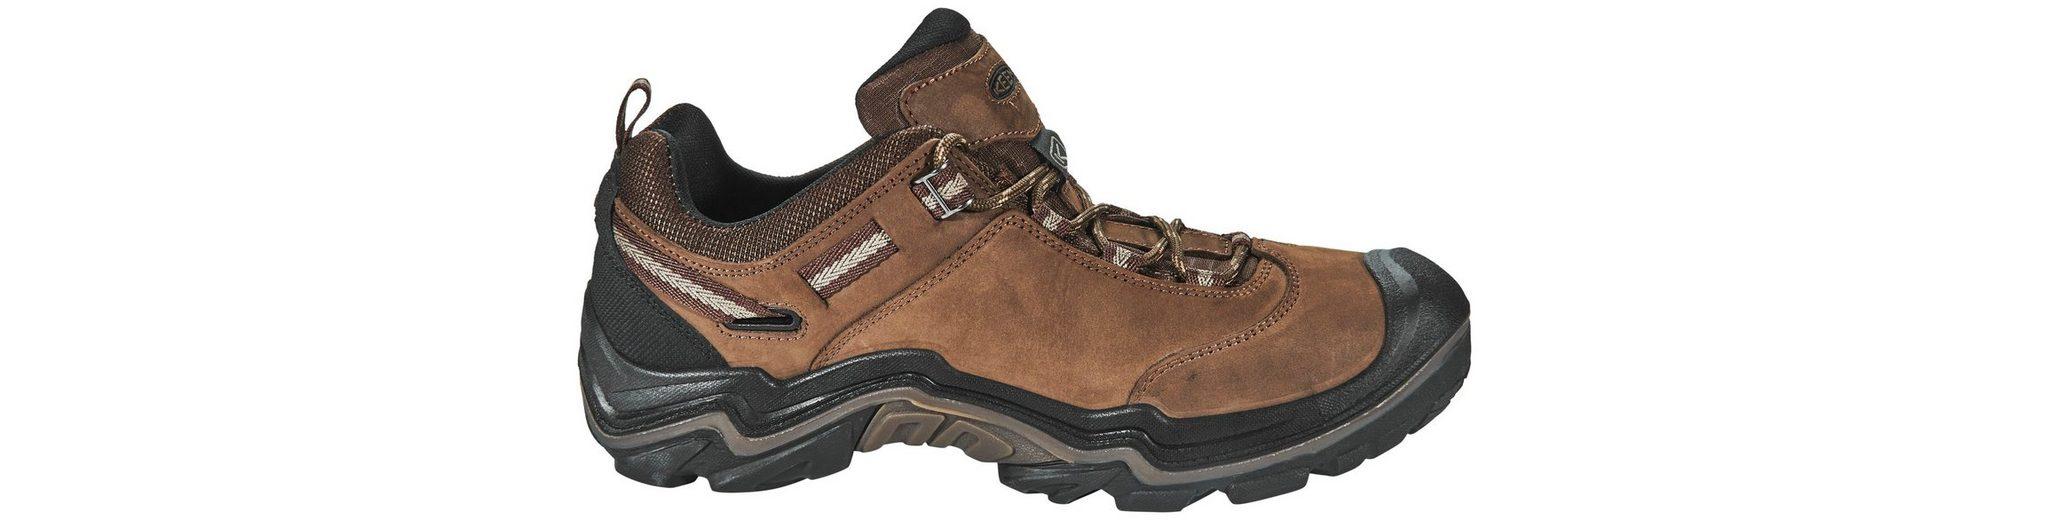 Spielraum Sammlungen Keen Kletterschuh Wanderer WP Shoes Men Breite Palette Von Online Auslass Amazon Steckdose Niedrigsten Preis Online Gehen Authentisch Verkauf e4IIkvTi